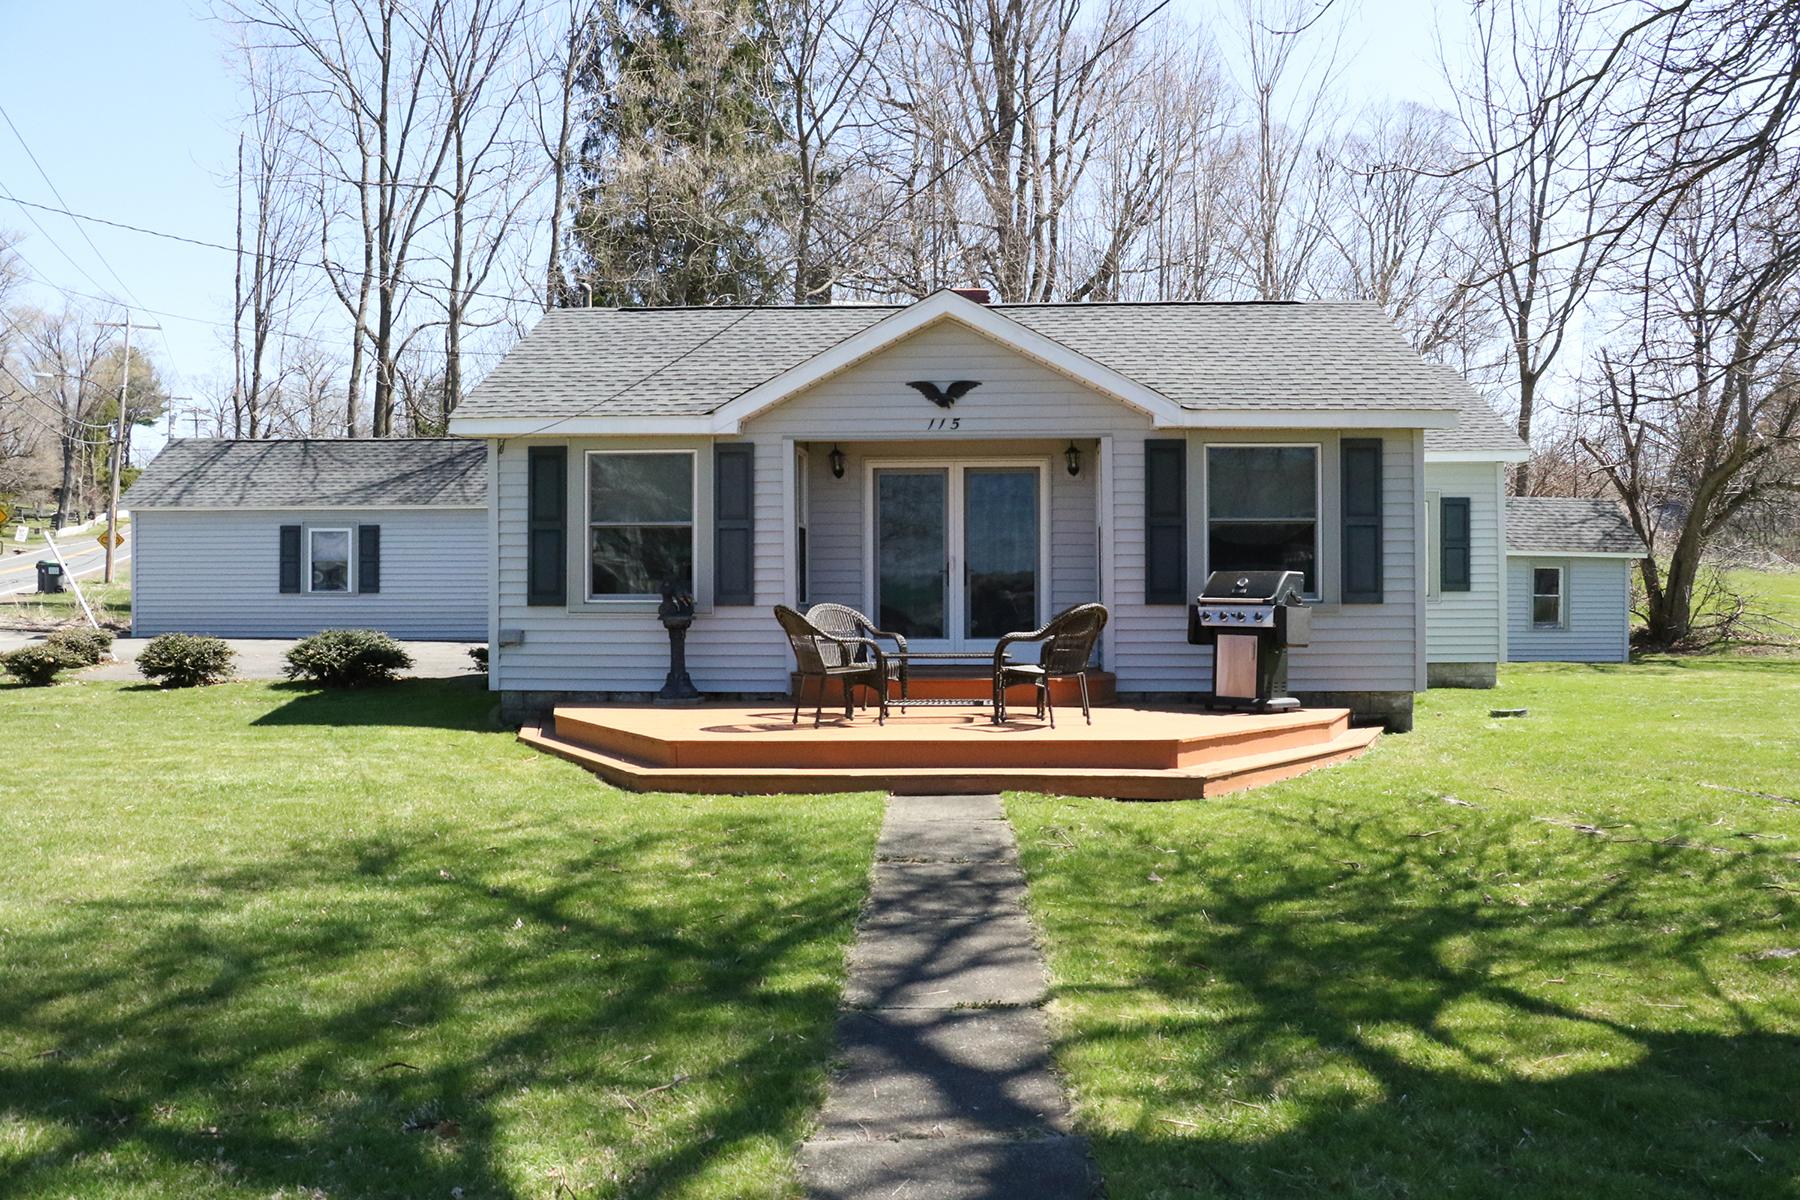 Частный односемейный дом для того Продажа на Hamlet of Livingston 115 County Route 19 Rd Livingston, Нью-Йорк 12541 Соединенные Штаты